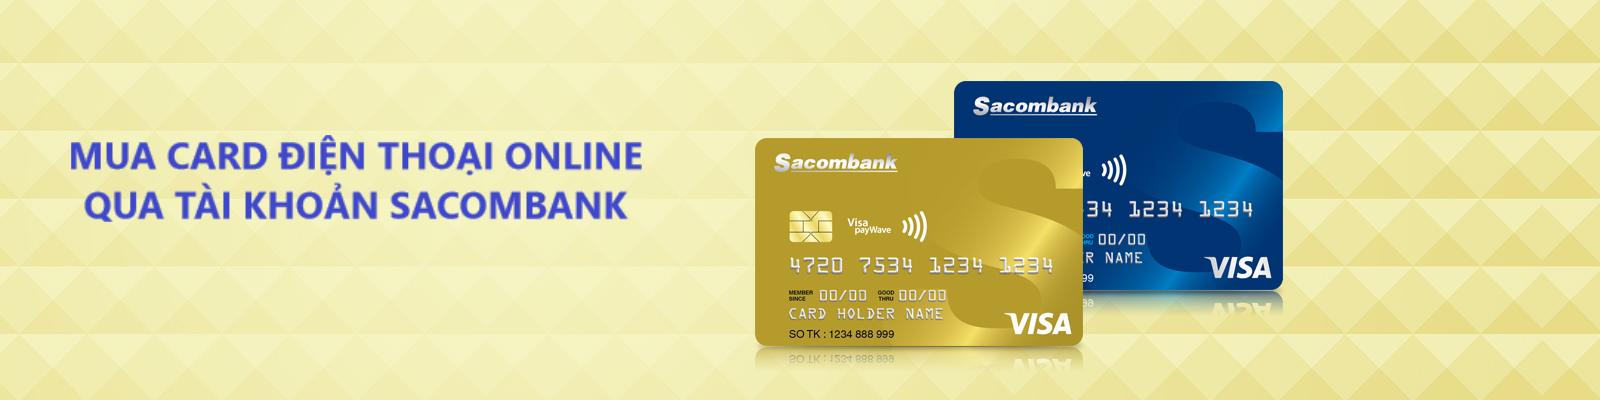 mua card dt online